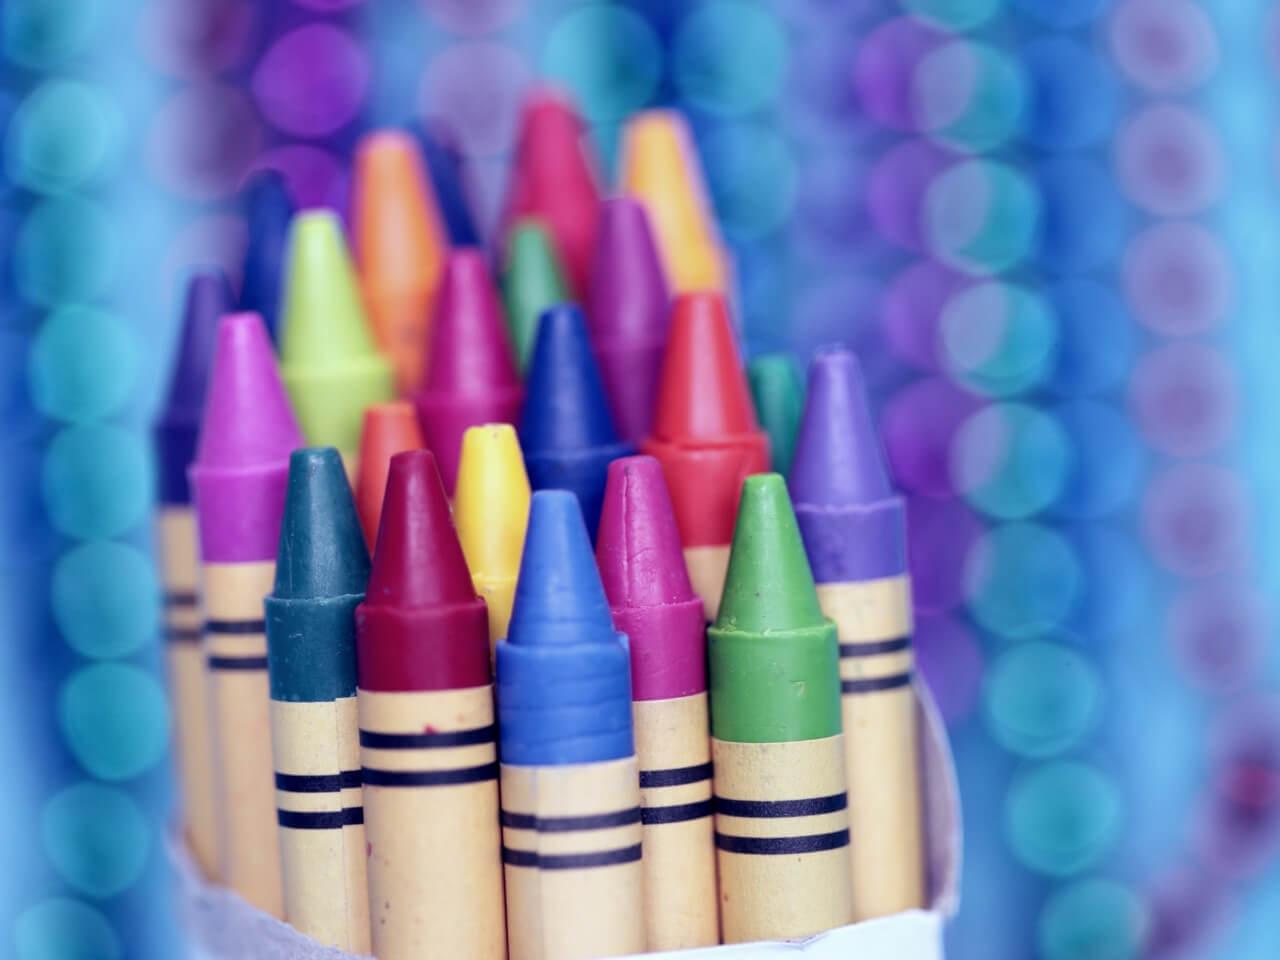 多くのクレヨンの中から自分の色を探す